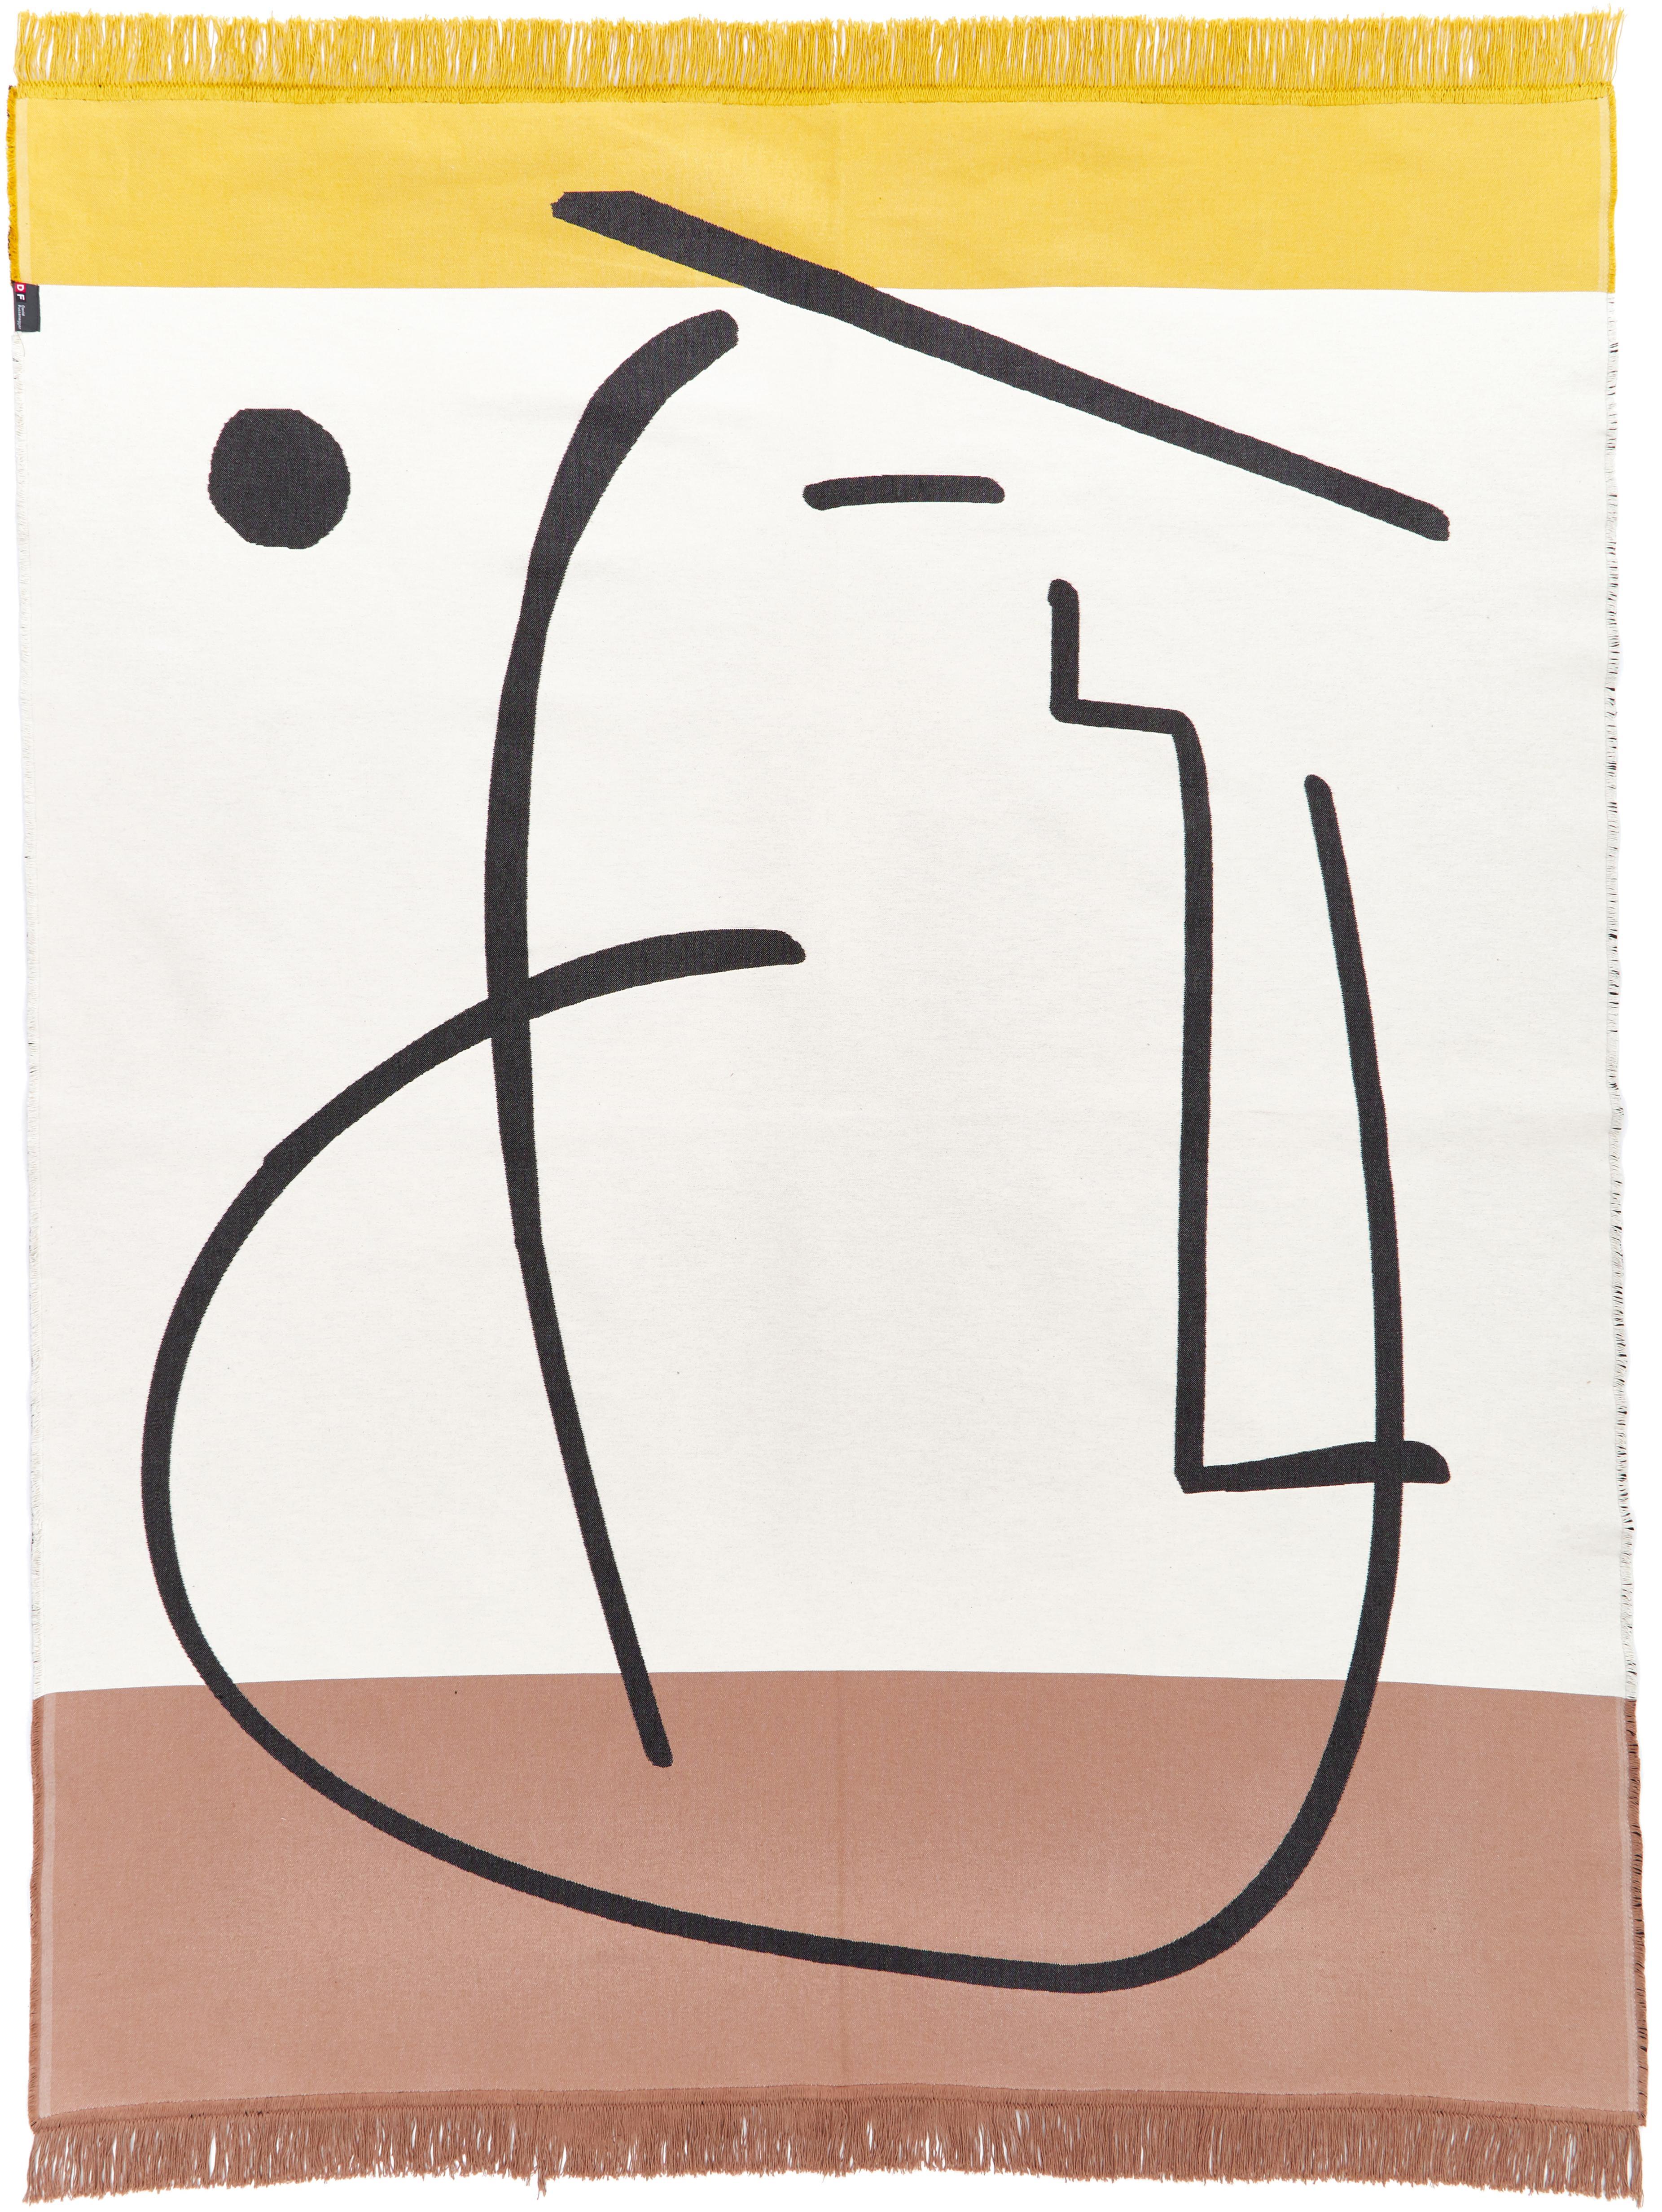 Teppich Goliath Gesicht mit Fransen und geometrischem Muster, 150x200cm, Recycelte Baumwolle, Mehrfarbig, B 150 x L 200 cm (Grösse S)